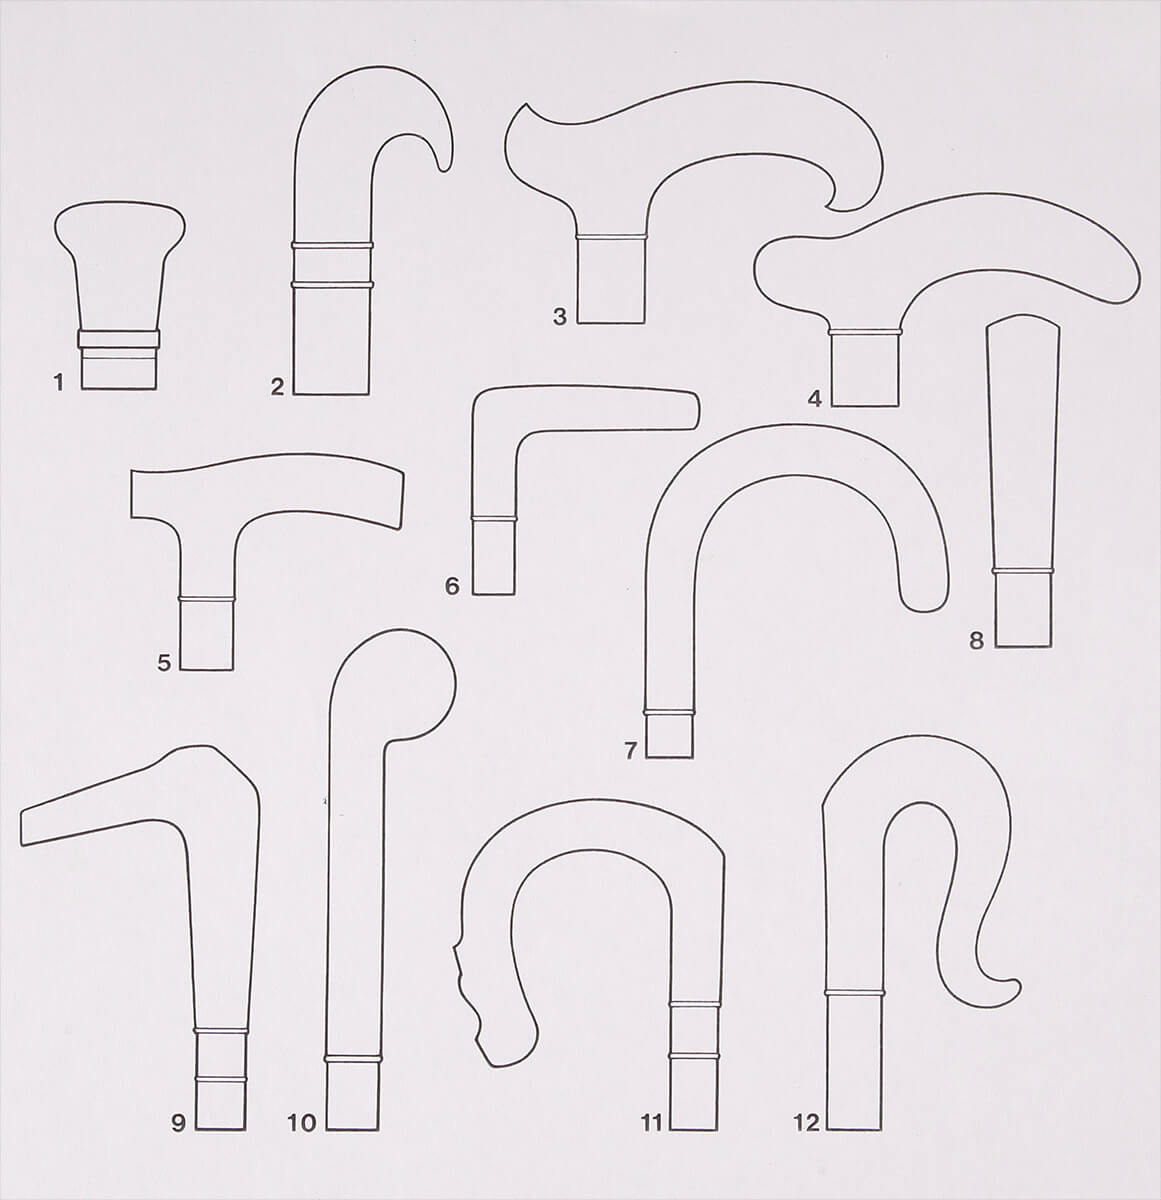 銀ハンドルのデザイン帳の一部